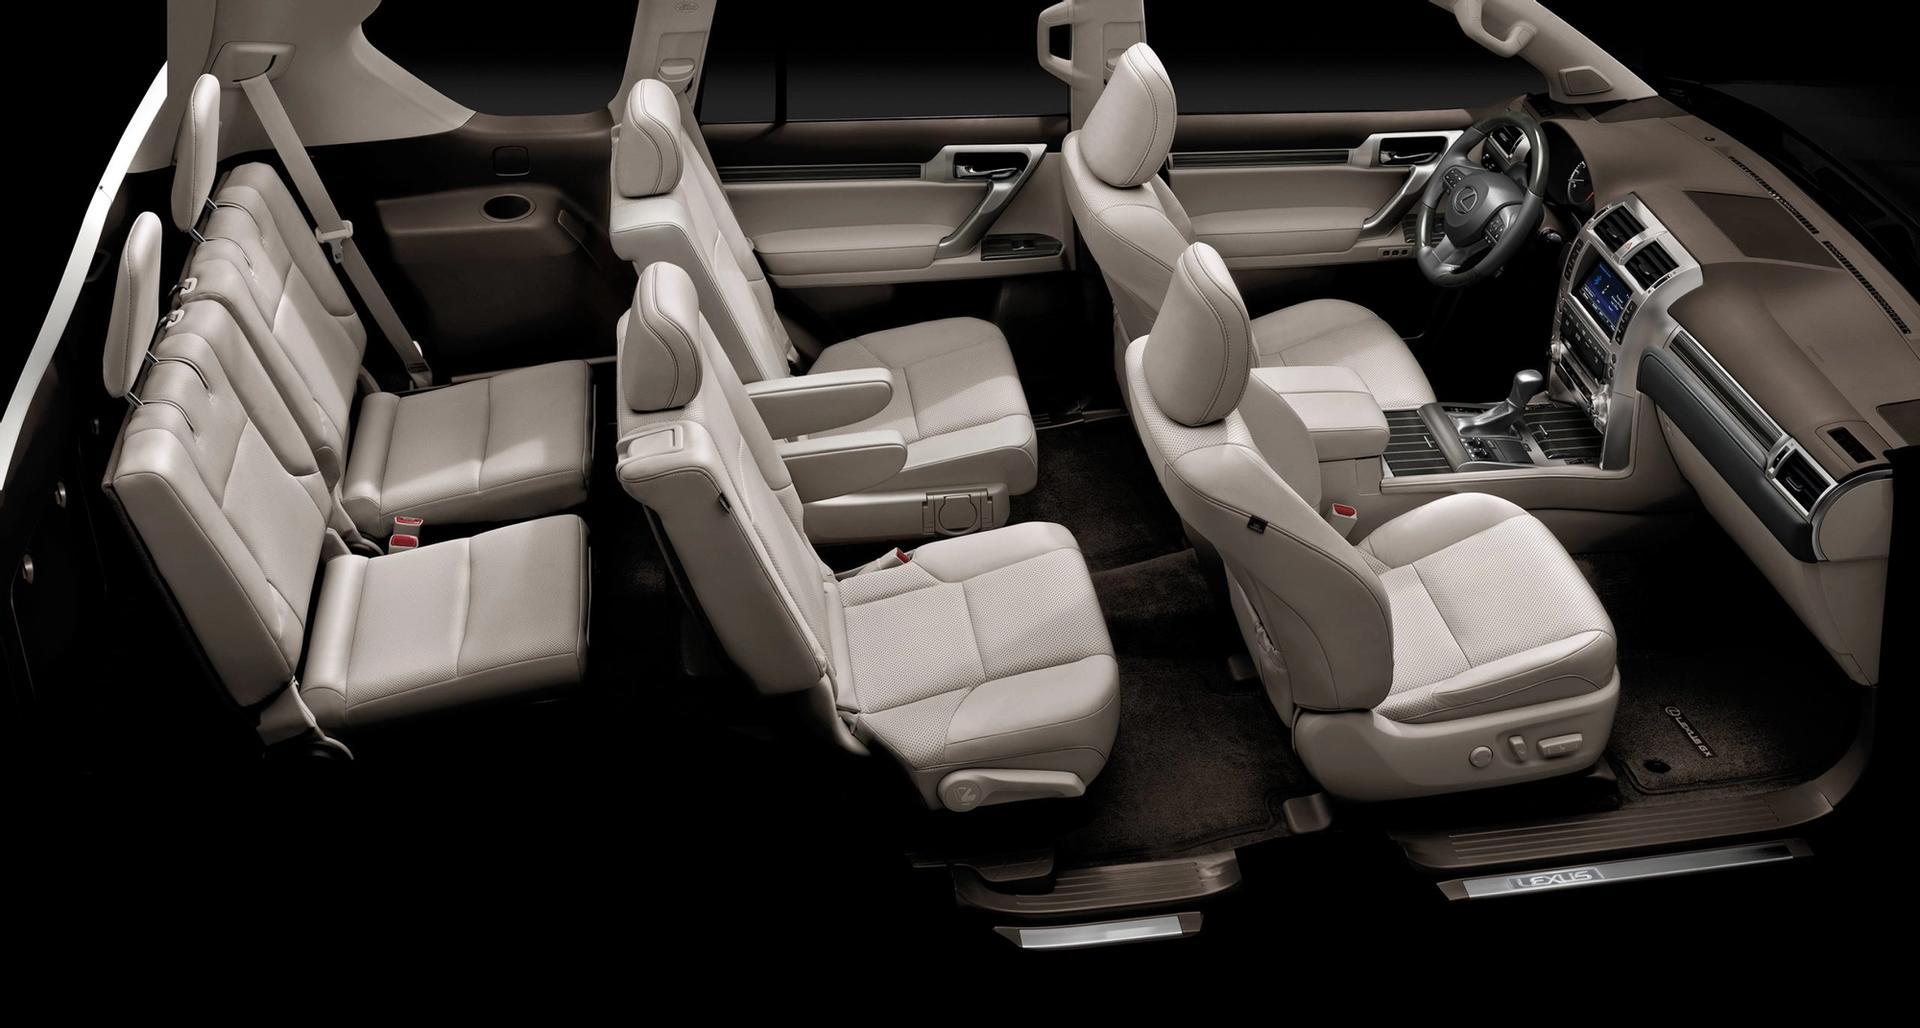 Lexus GX seating layout